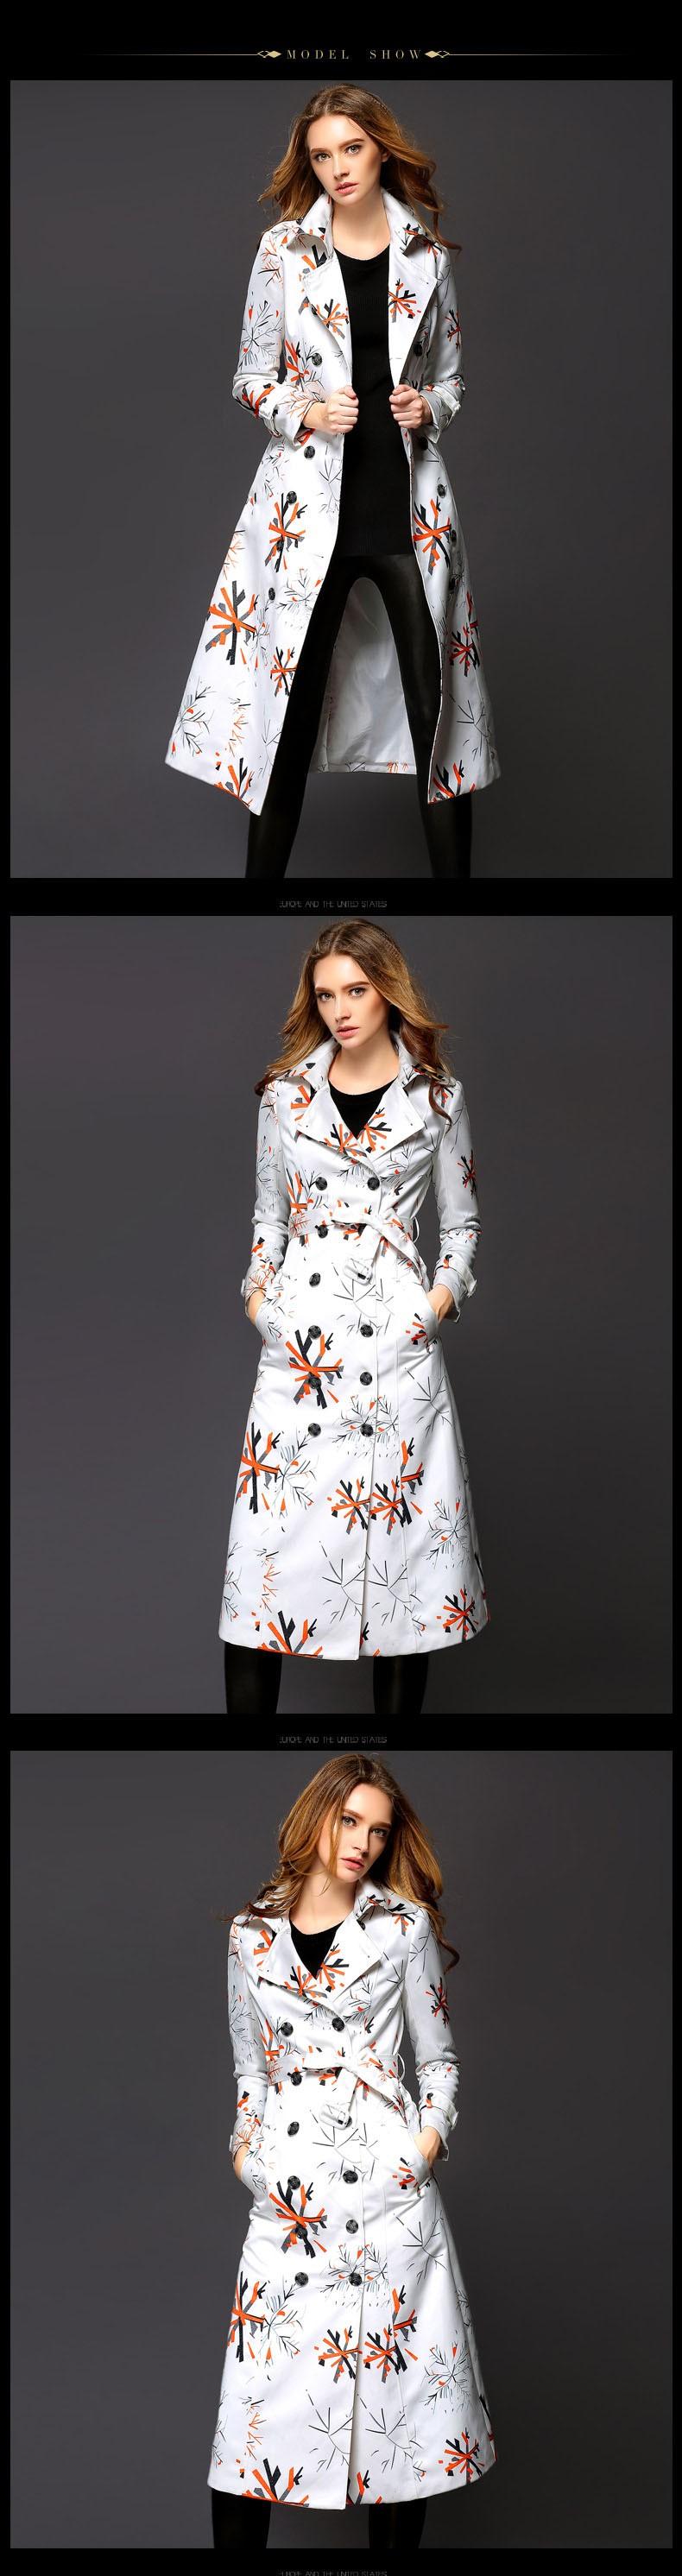 Скидки на Длинные Пальто Для Женщин Осенью И Зимой Пальто Burb Тренч Европейский Плащ Печати Shitsuke Пальто